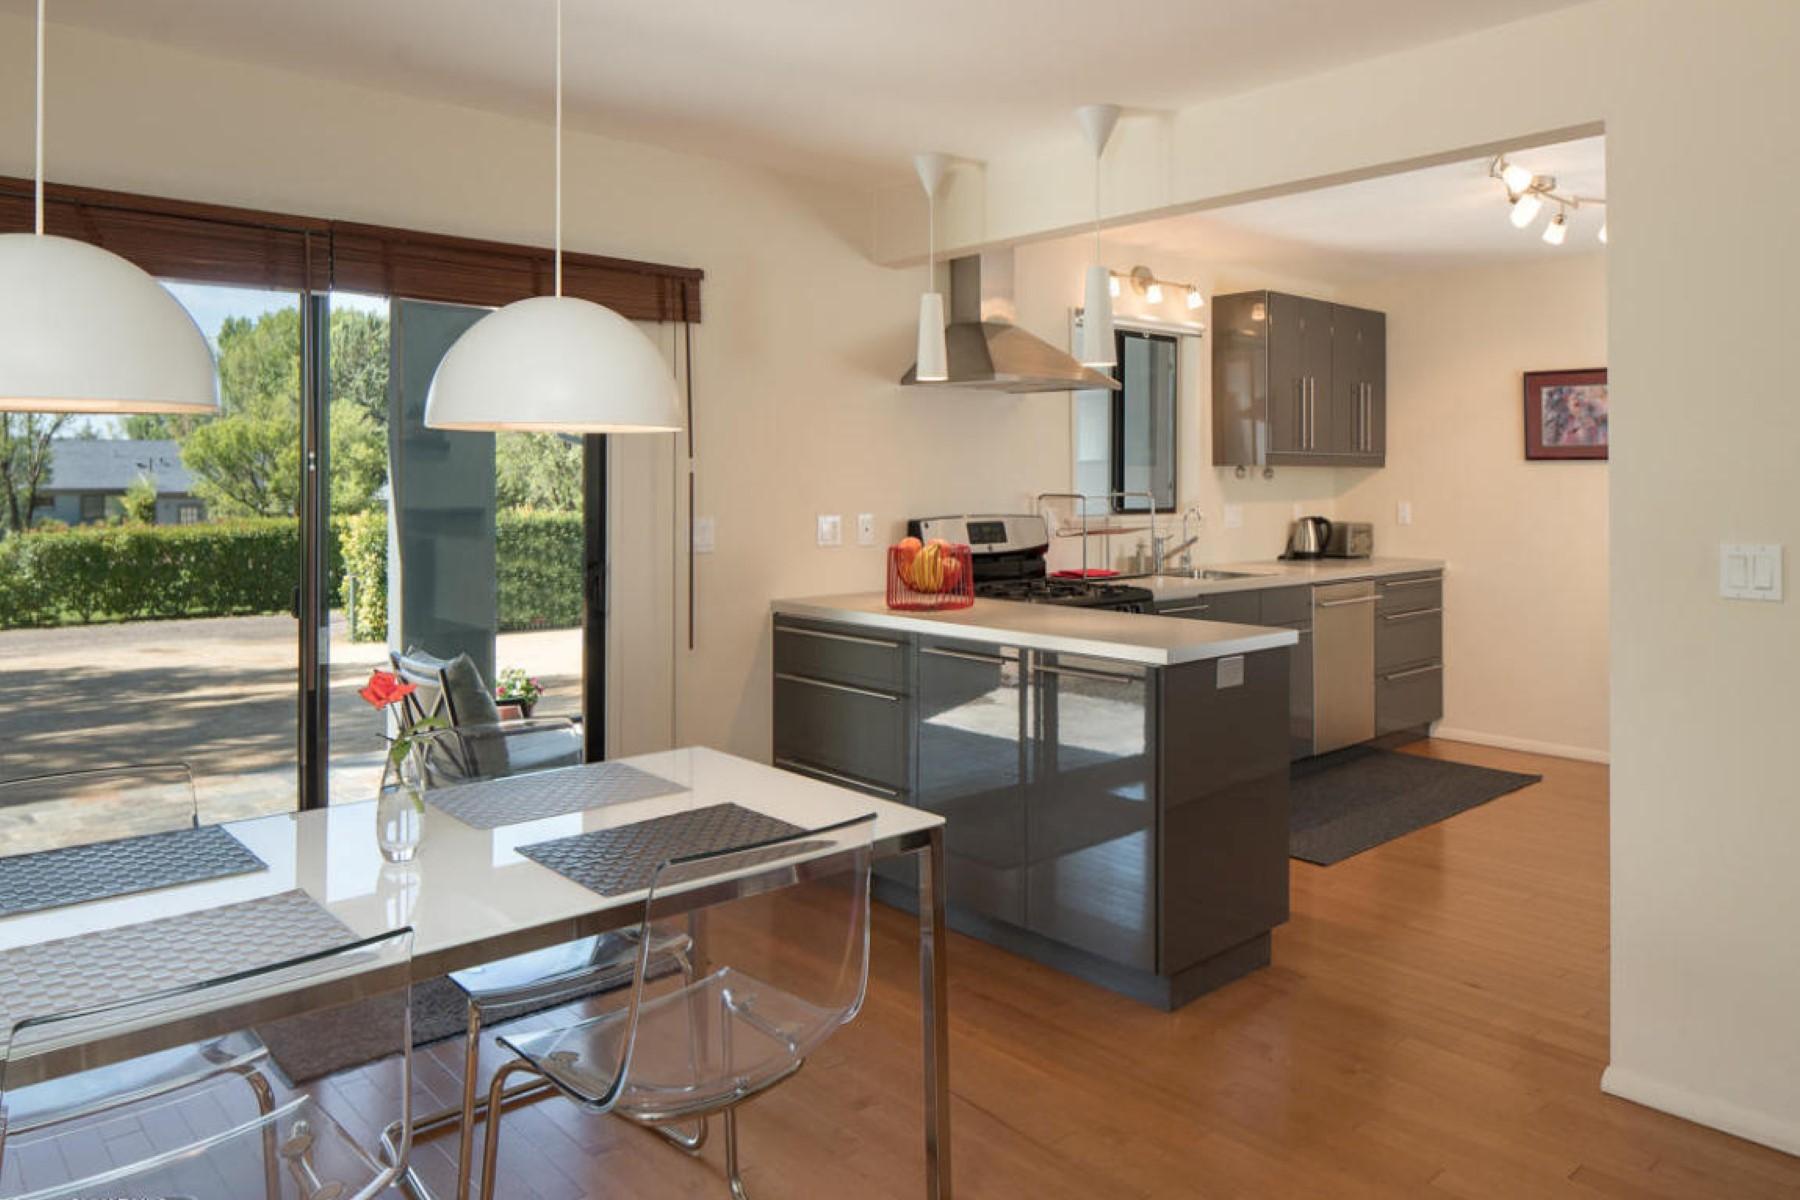 Tek Ailelik Ev için Satış at An impeccable home on over half an acre. 115 Deer Trail Drive Sedona, Arizona 86336 Amerika Birleşik Devletleri